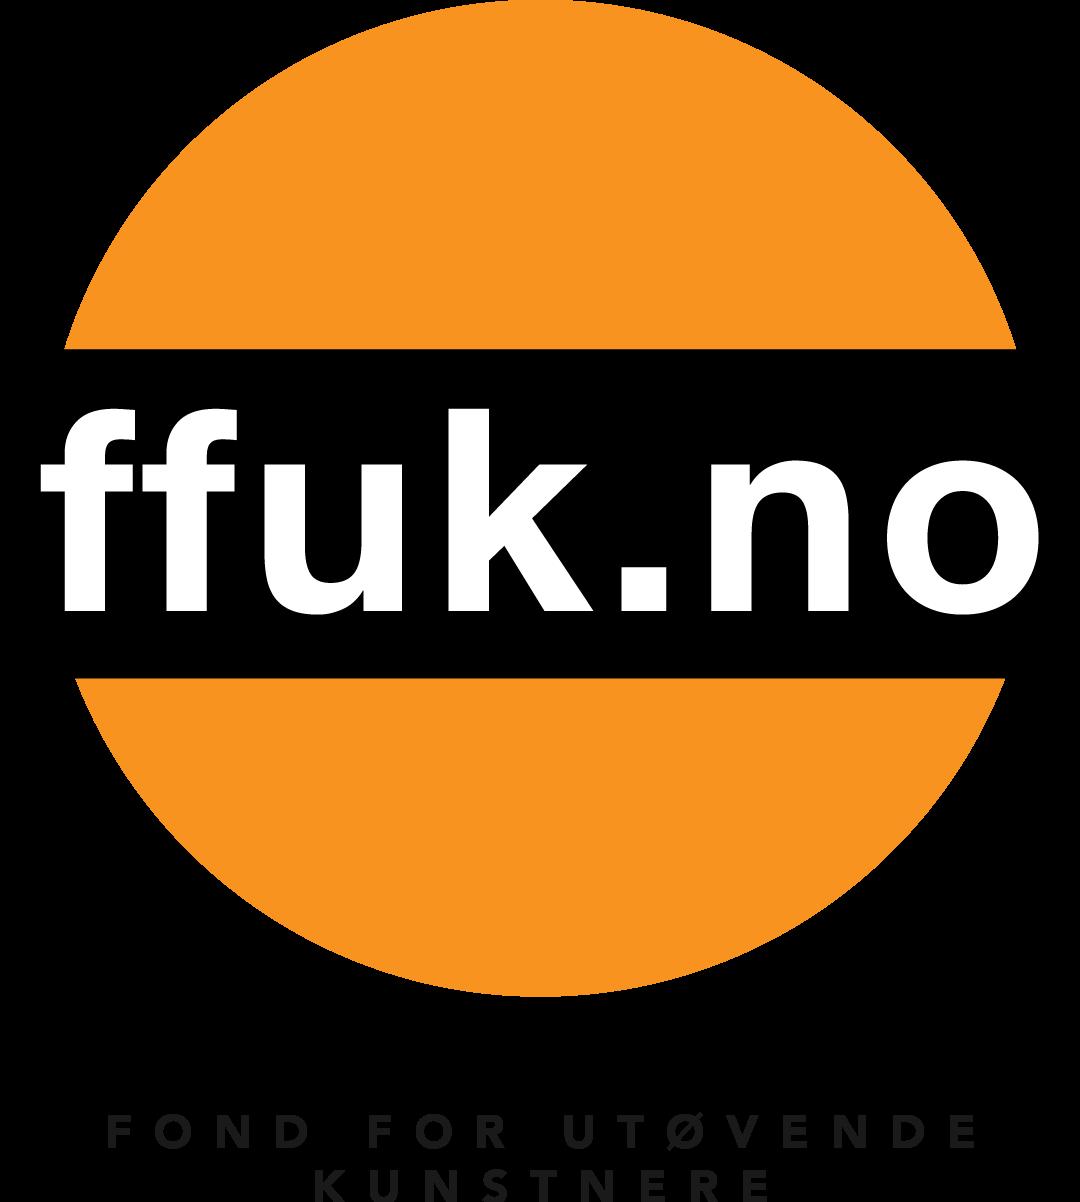 Ny%2BFFUK-logo-png-transparent.png